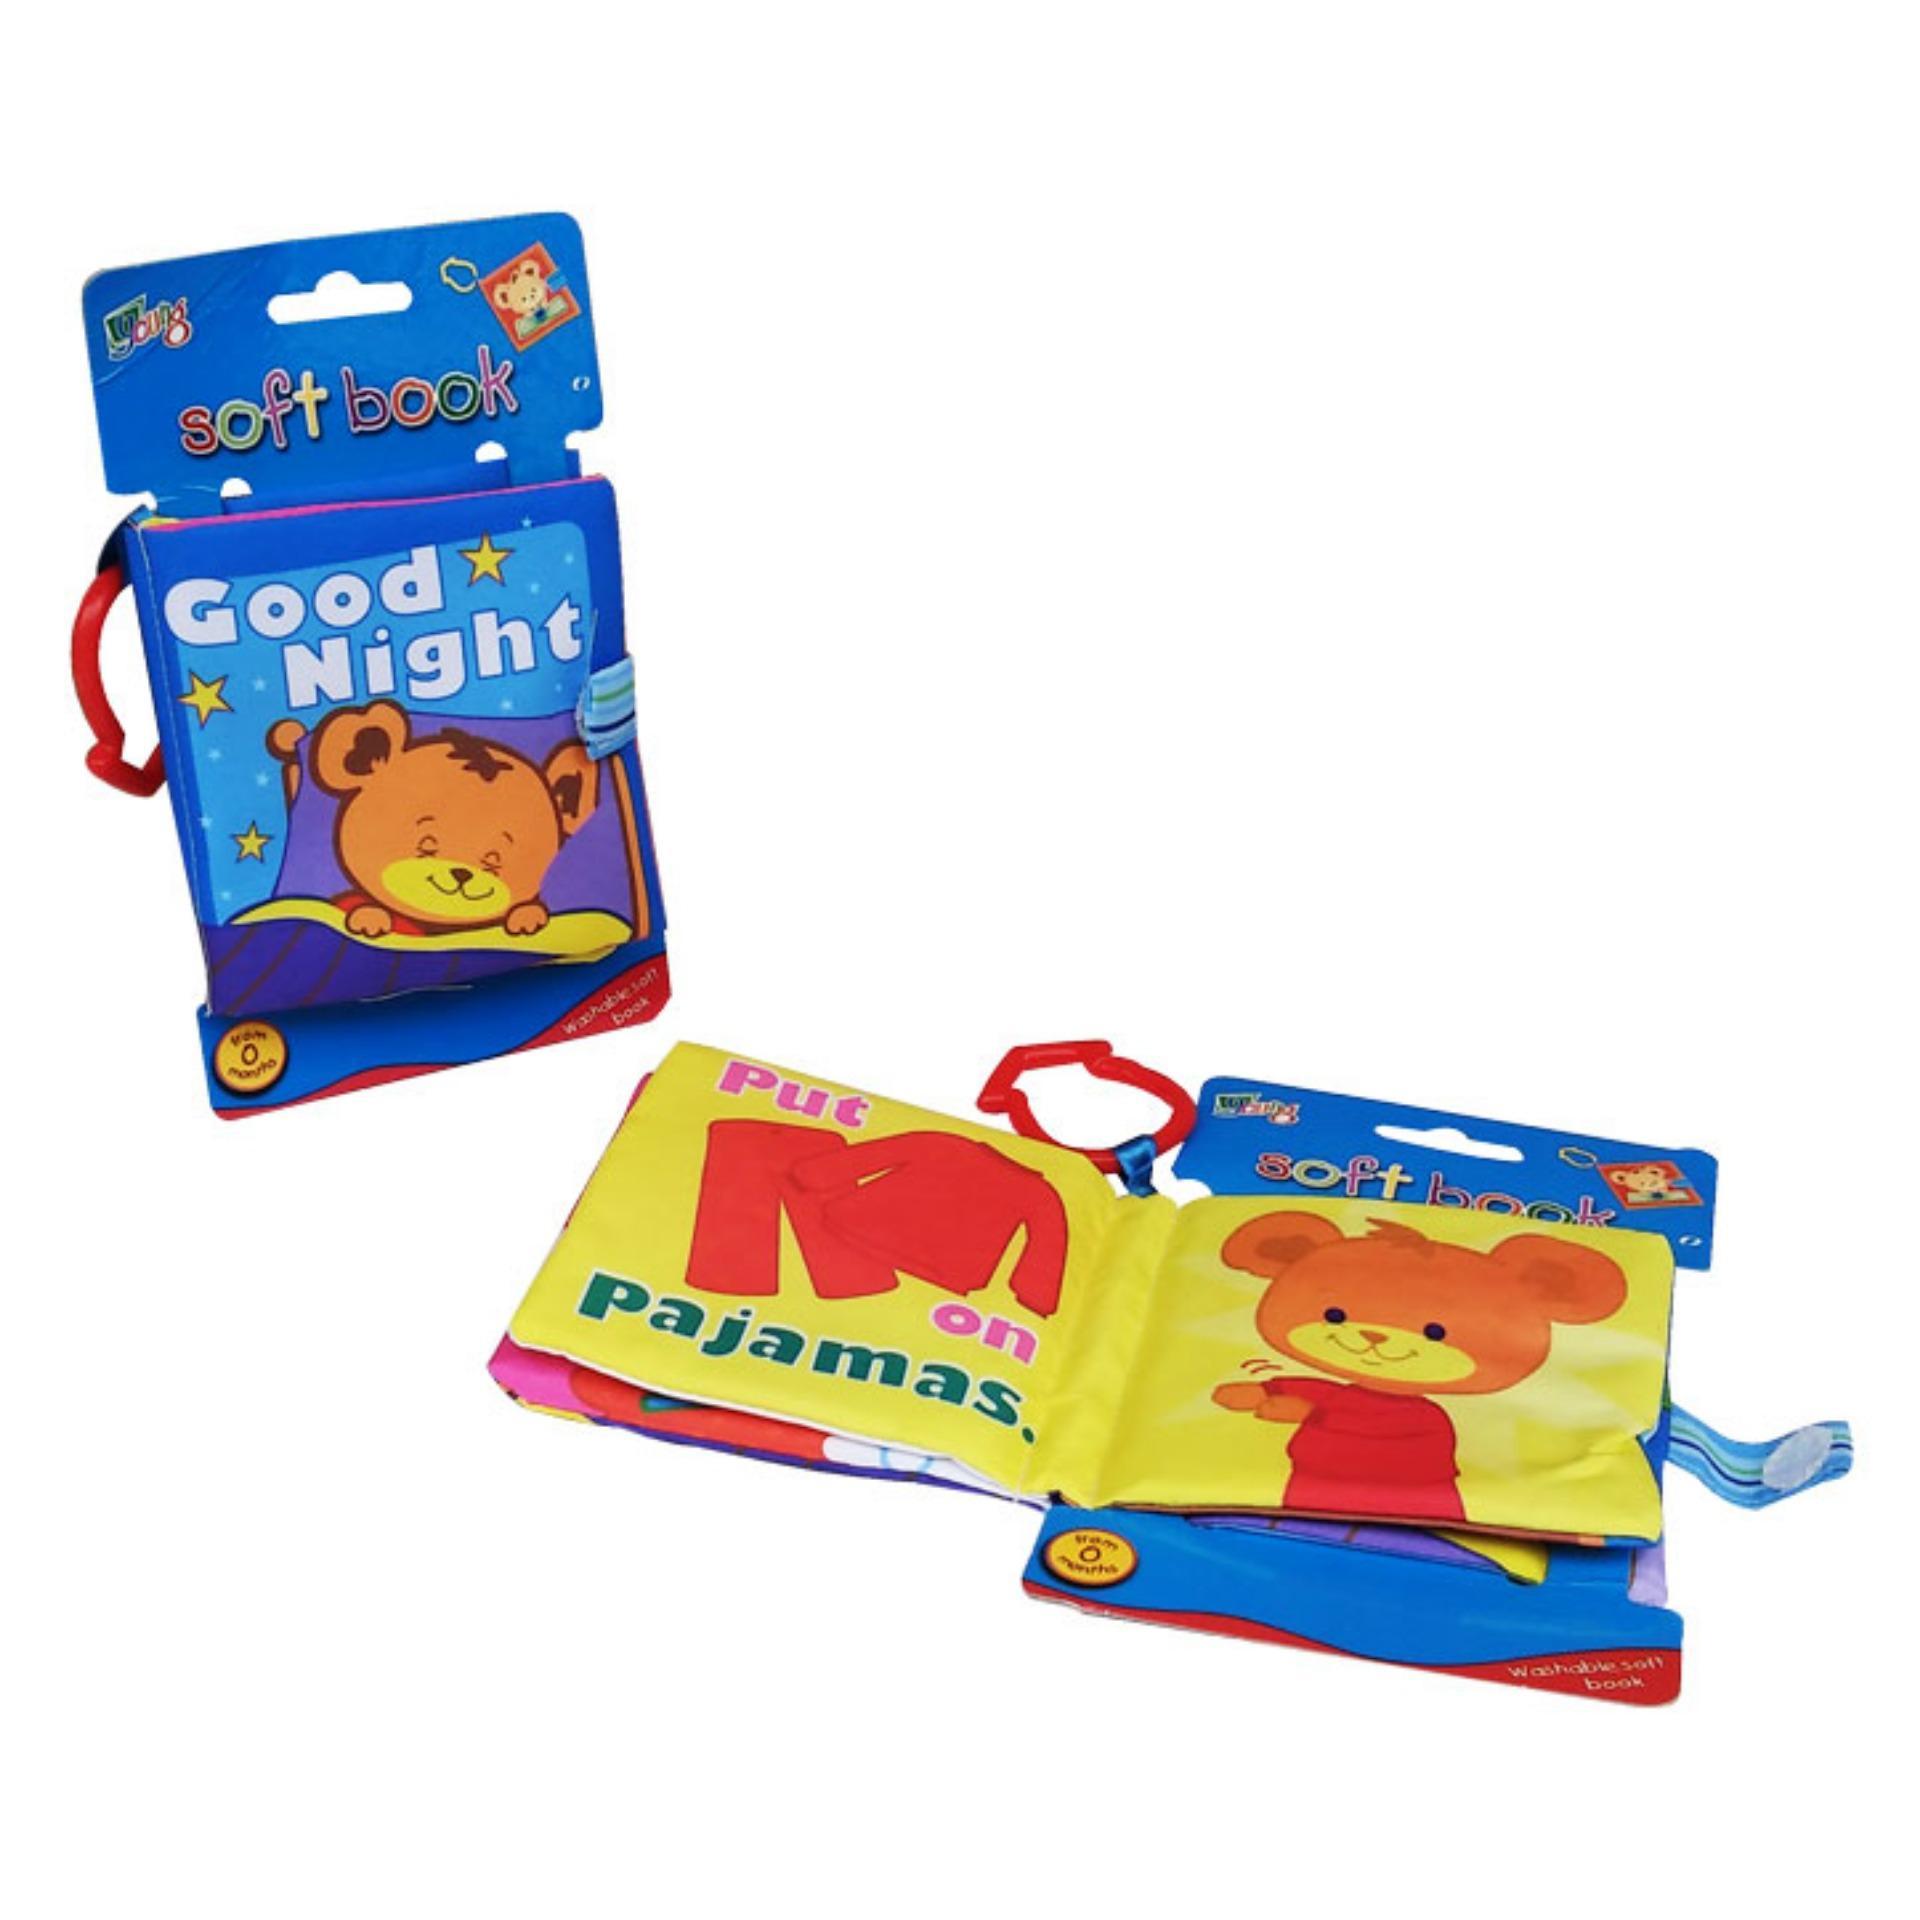 Baby Talk Softbook Good Night Buku Cerita Anak Mainan Edukasi Bayi Murah Eduka Pintar